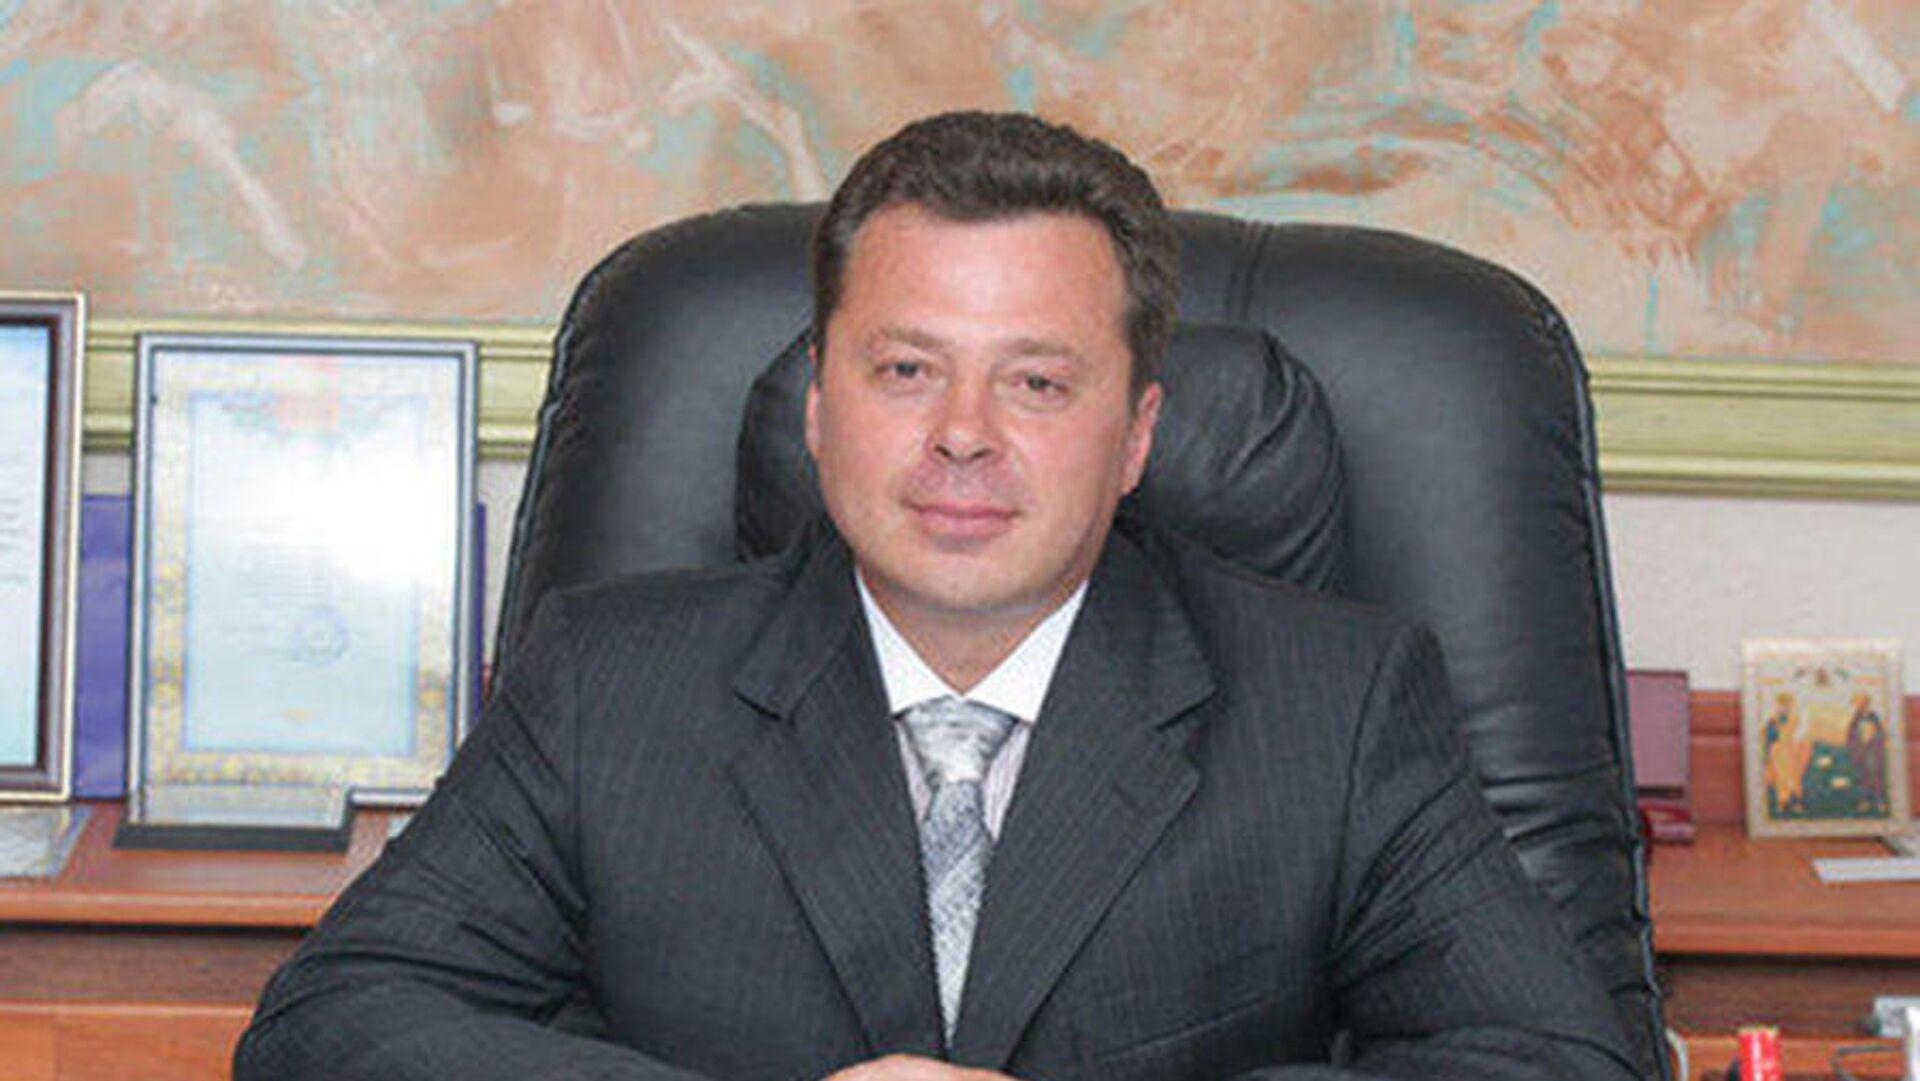 ЕР приостановила членство задержанного главы отделения ФСС по Татарстану